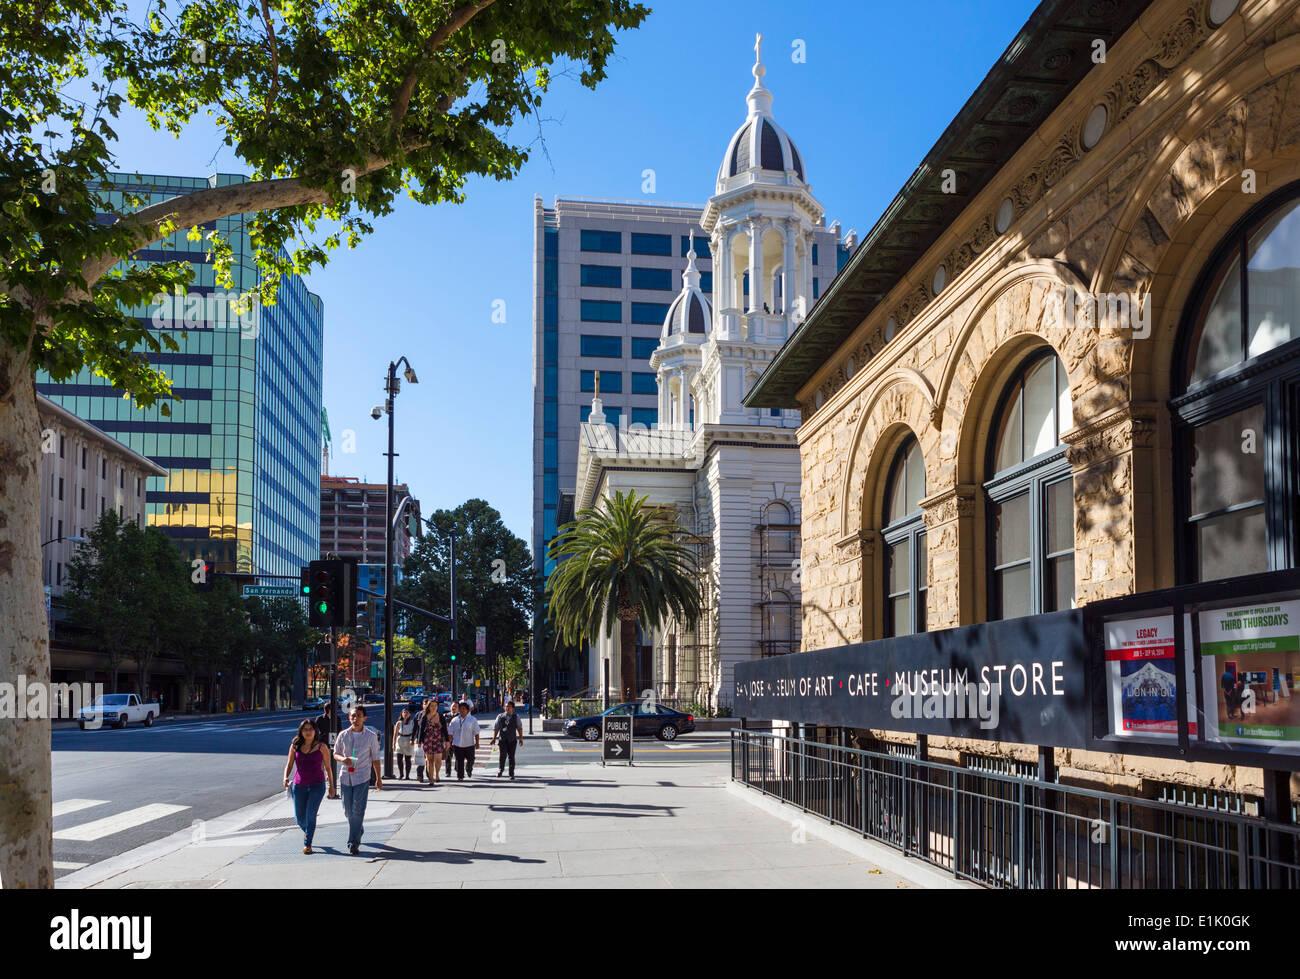 La cattedrale e il Museo di Arte su Market Street nel centro cittadino di San Jose, la Contea di Santa Clara, California, Stati Uniti d'America Immagini Stock